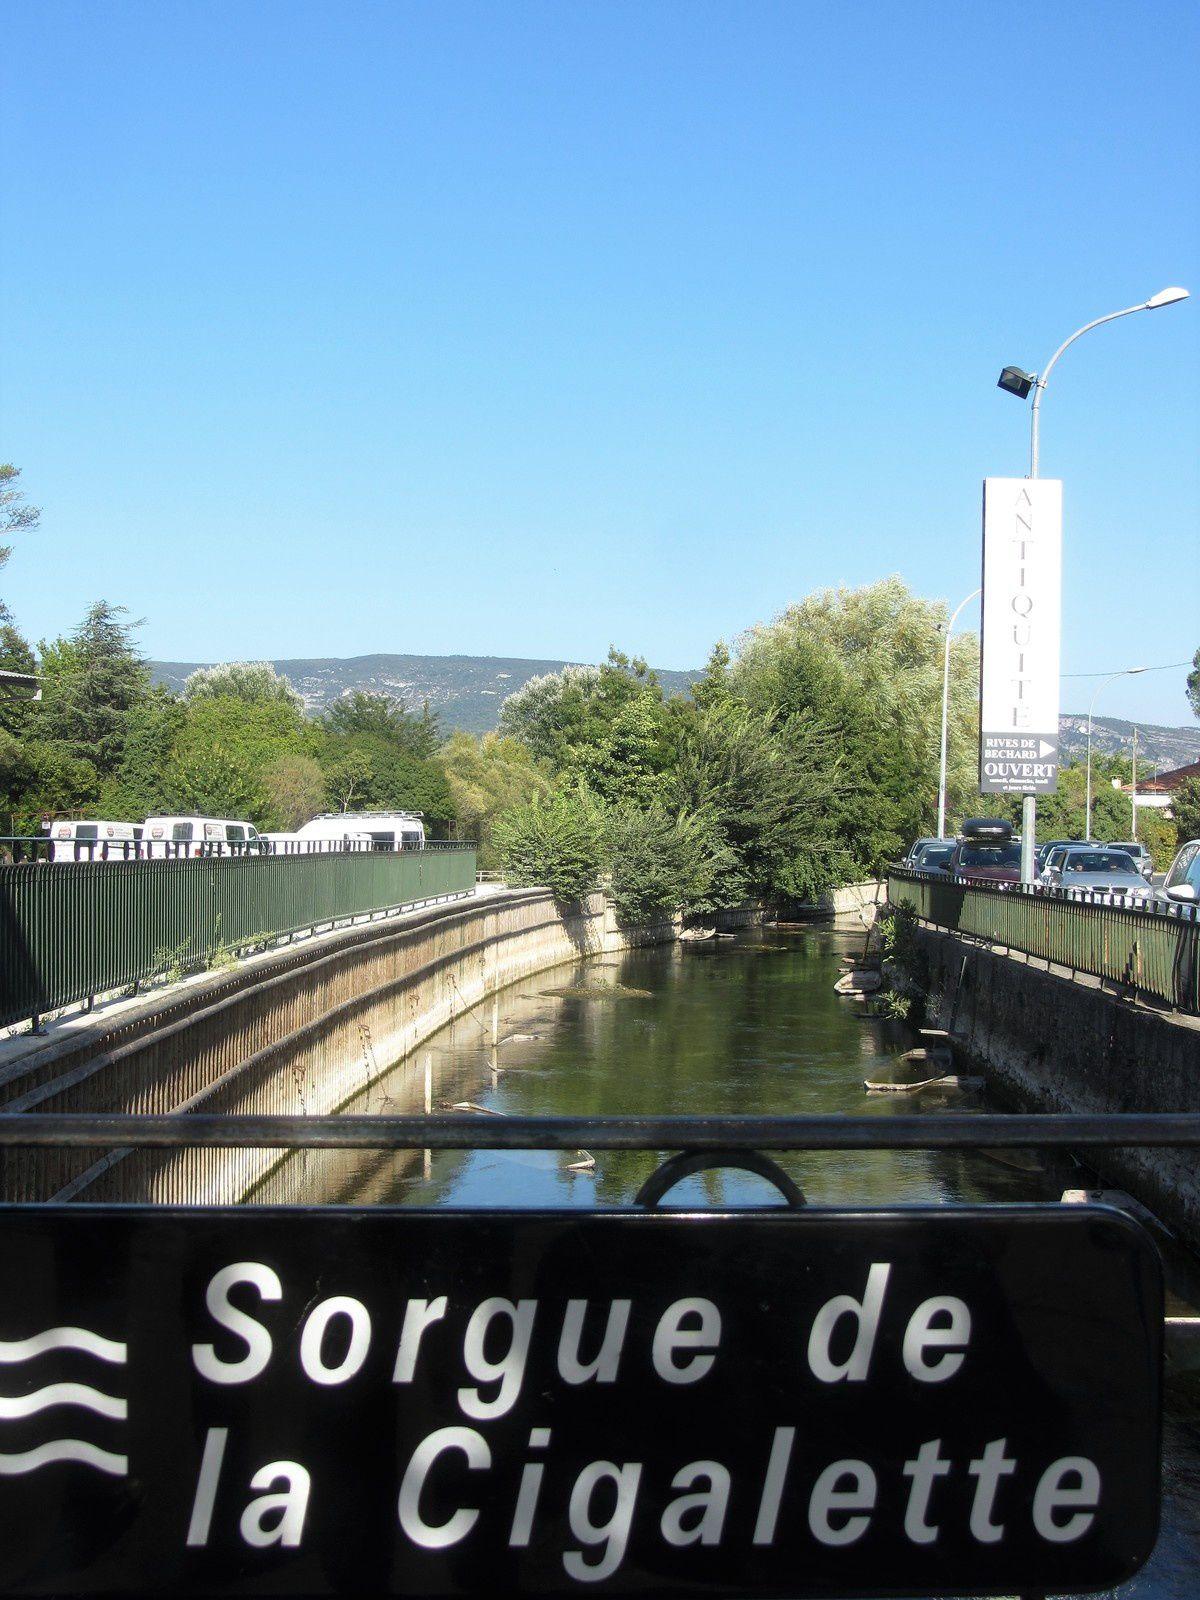 Nous voici à l-Isle sur Sorgues, située dans le département du Vaucluse en région Provence-Alpes-Côte d'Azur.